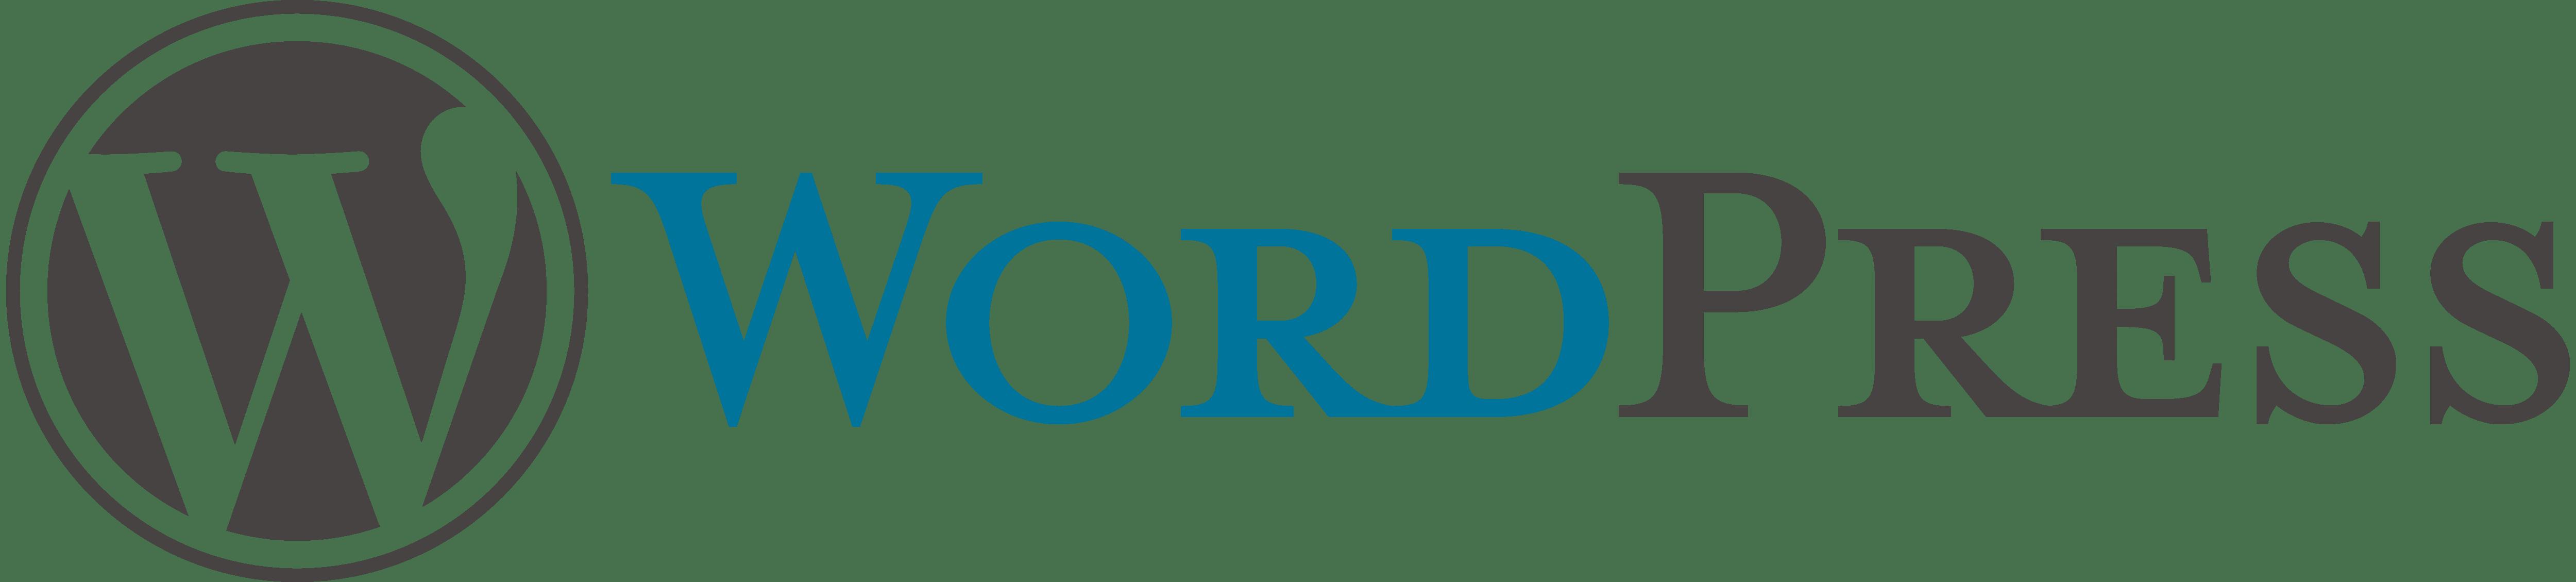 Especialistas en WordPress - Ciudad de México